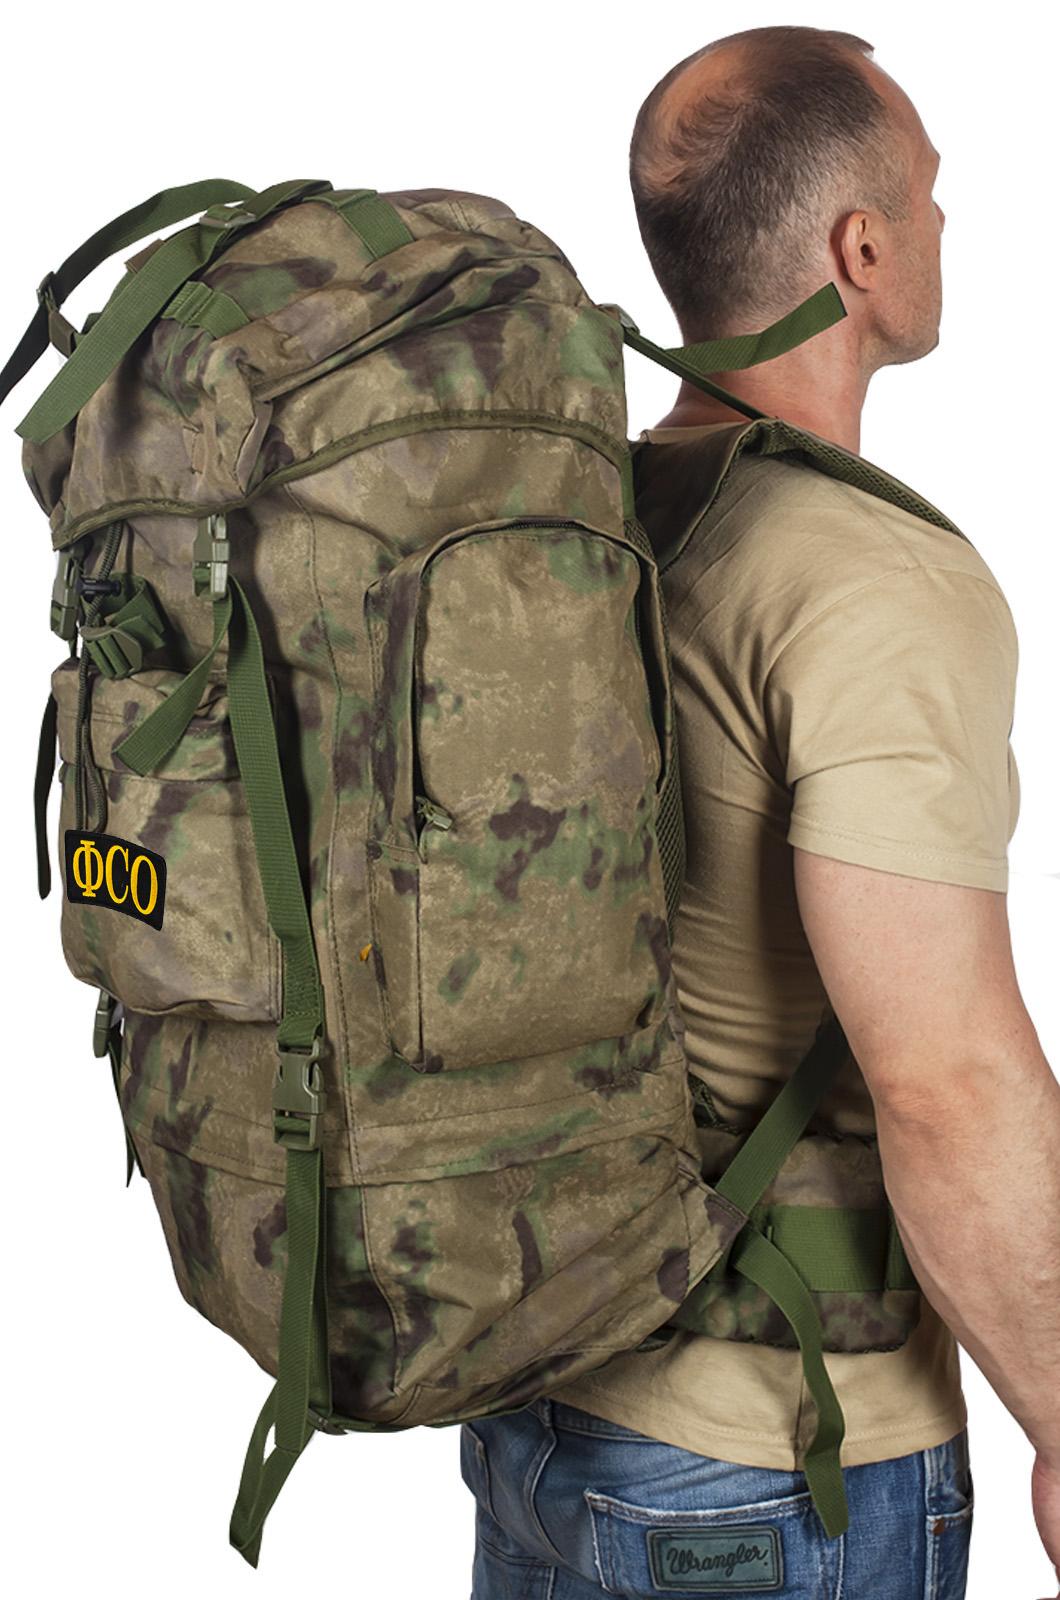 Рейдовый камуфляжный ранец-рюкзак ФСО - купить в розницу